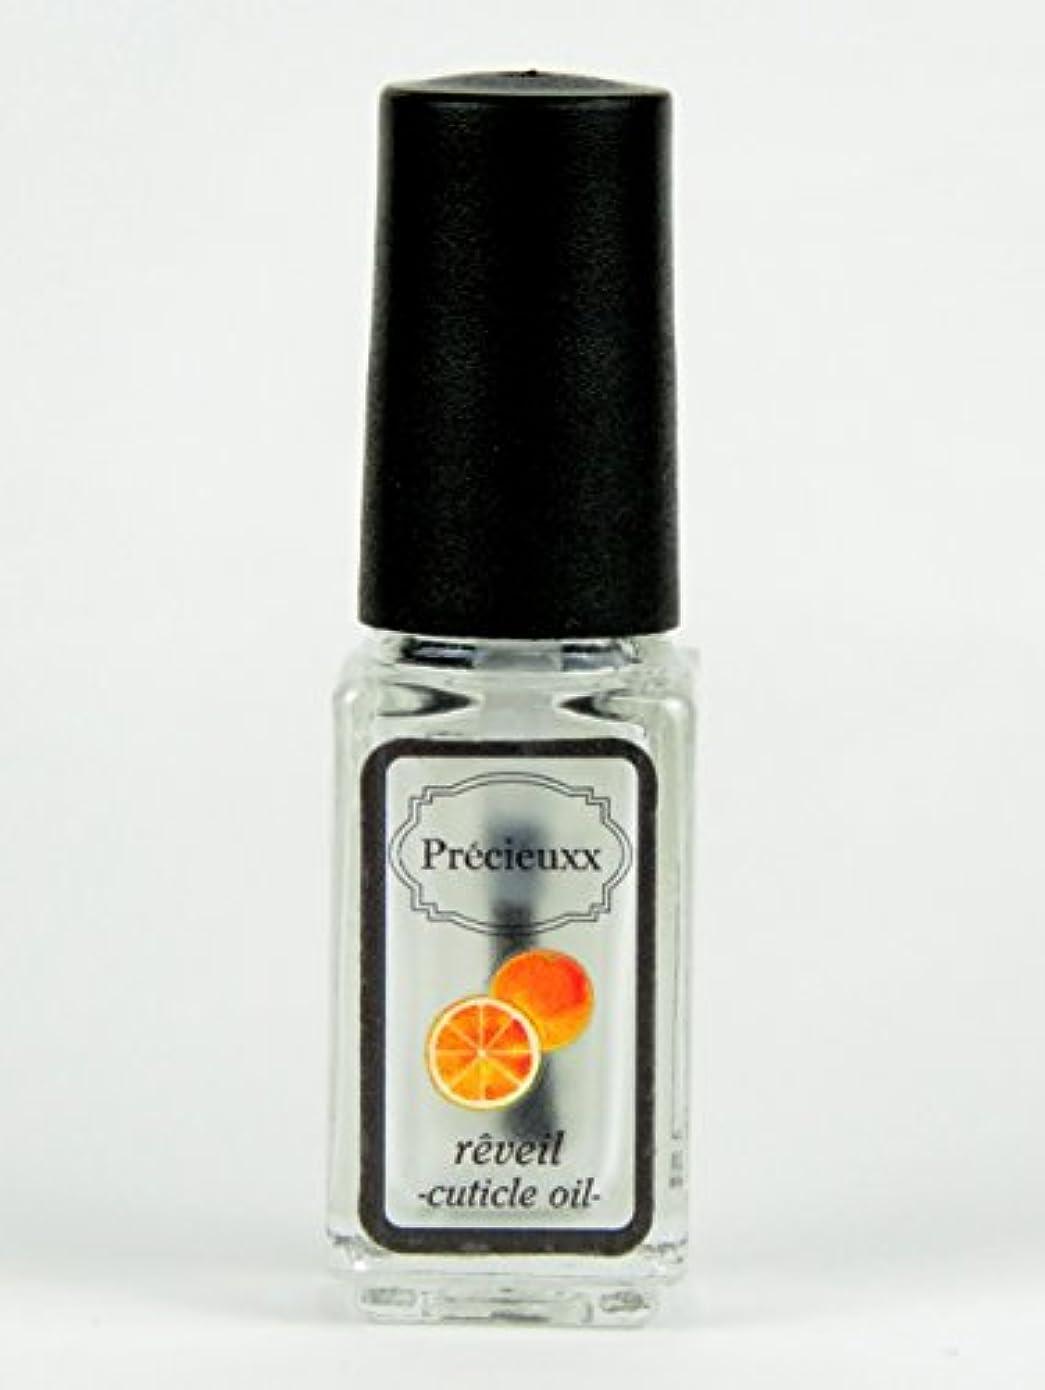 情熱オペレーター遅滞オーガニック ネイルオイル Precieuxx(プレシュー) ネイルアンドキューティクルボタニカルオイル 5ml オレンジ